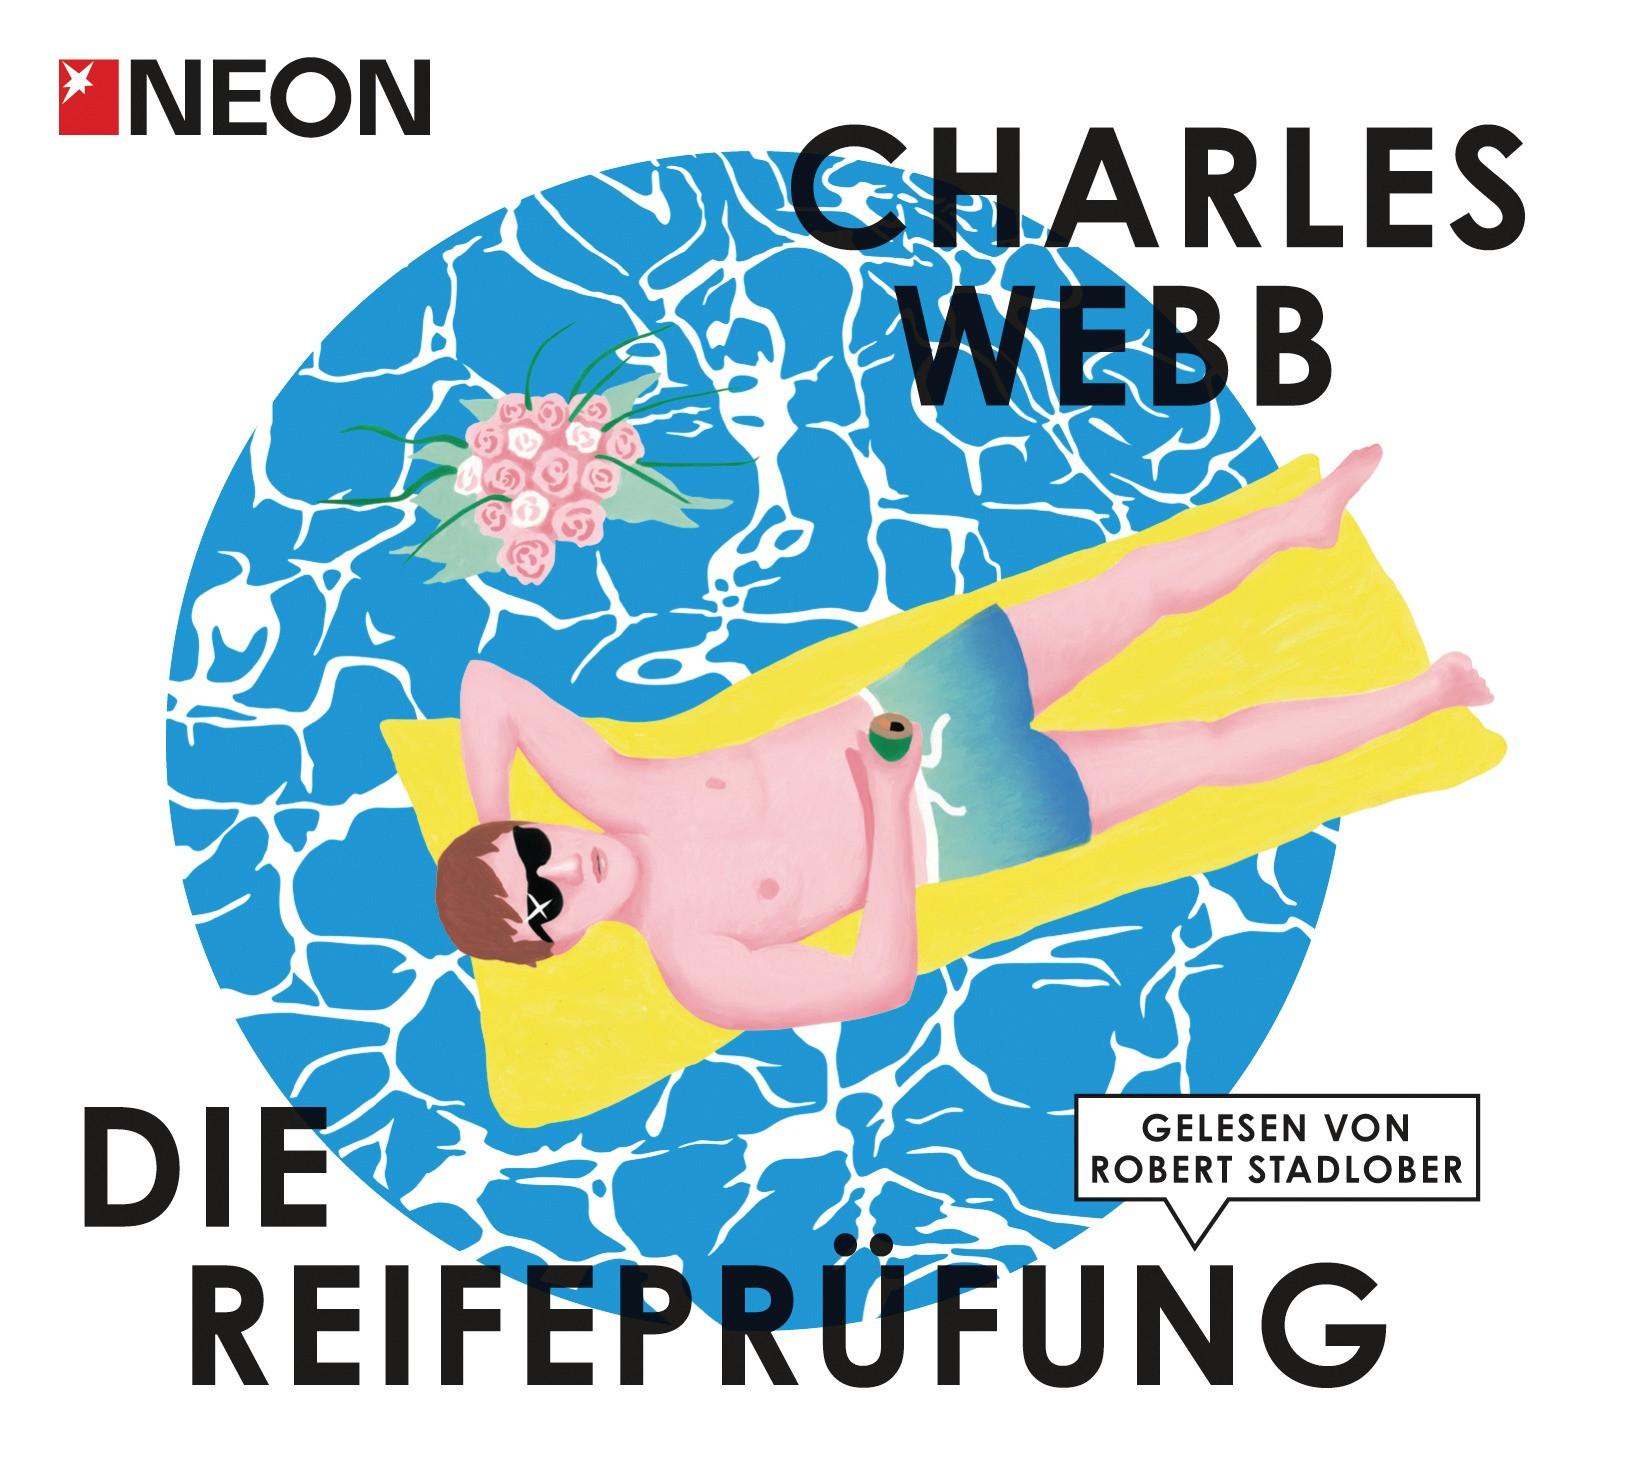 Charles Webb - Die Reifeprüfung